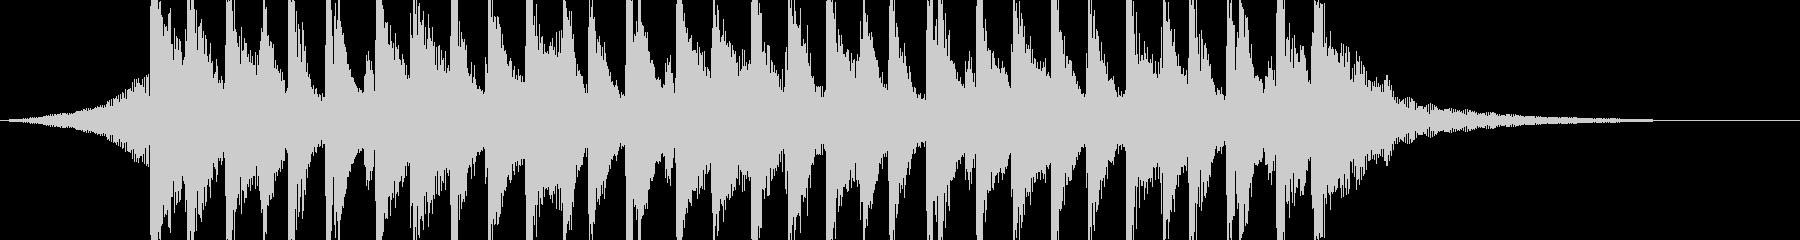 企業VPやCM、口笛、明るいポップ15秒の未再生の波形